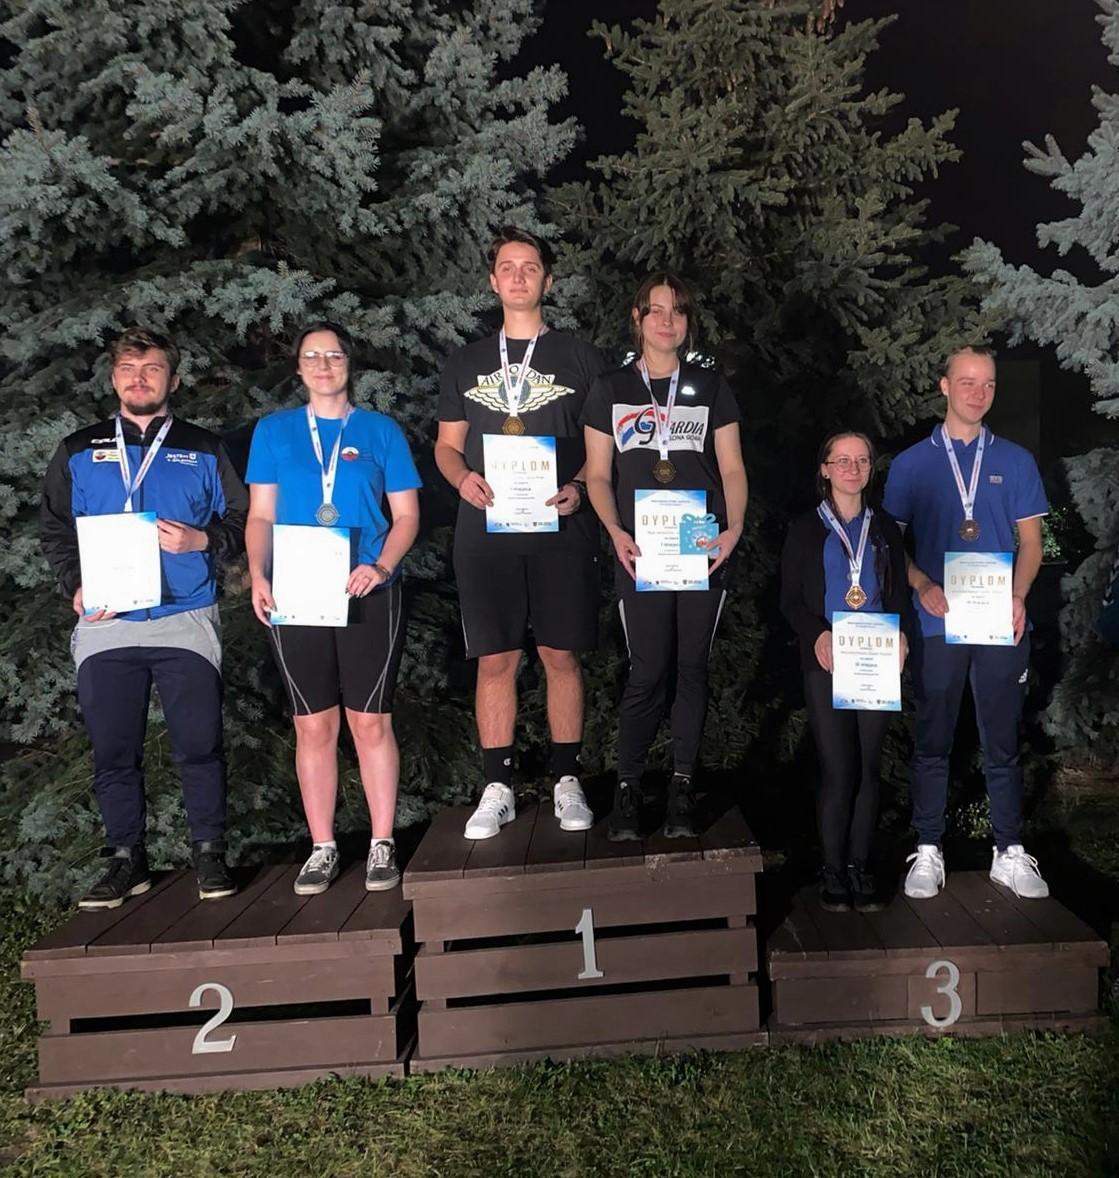 Zwycięscy w kategorii MIX Zuzanna Pierko i Michał Fajfrowski